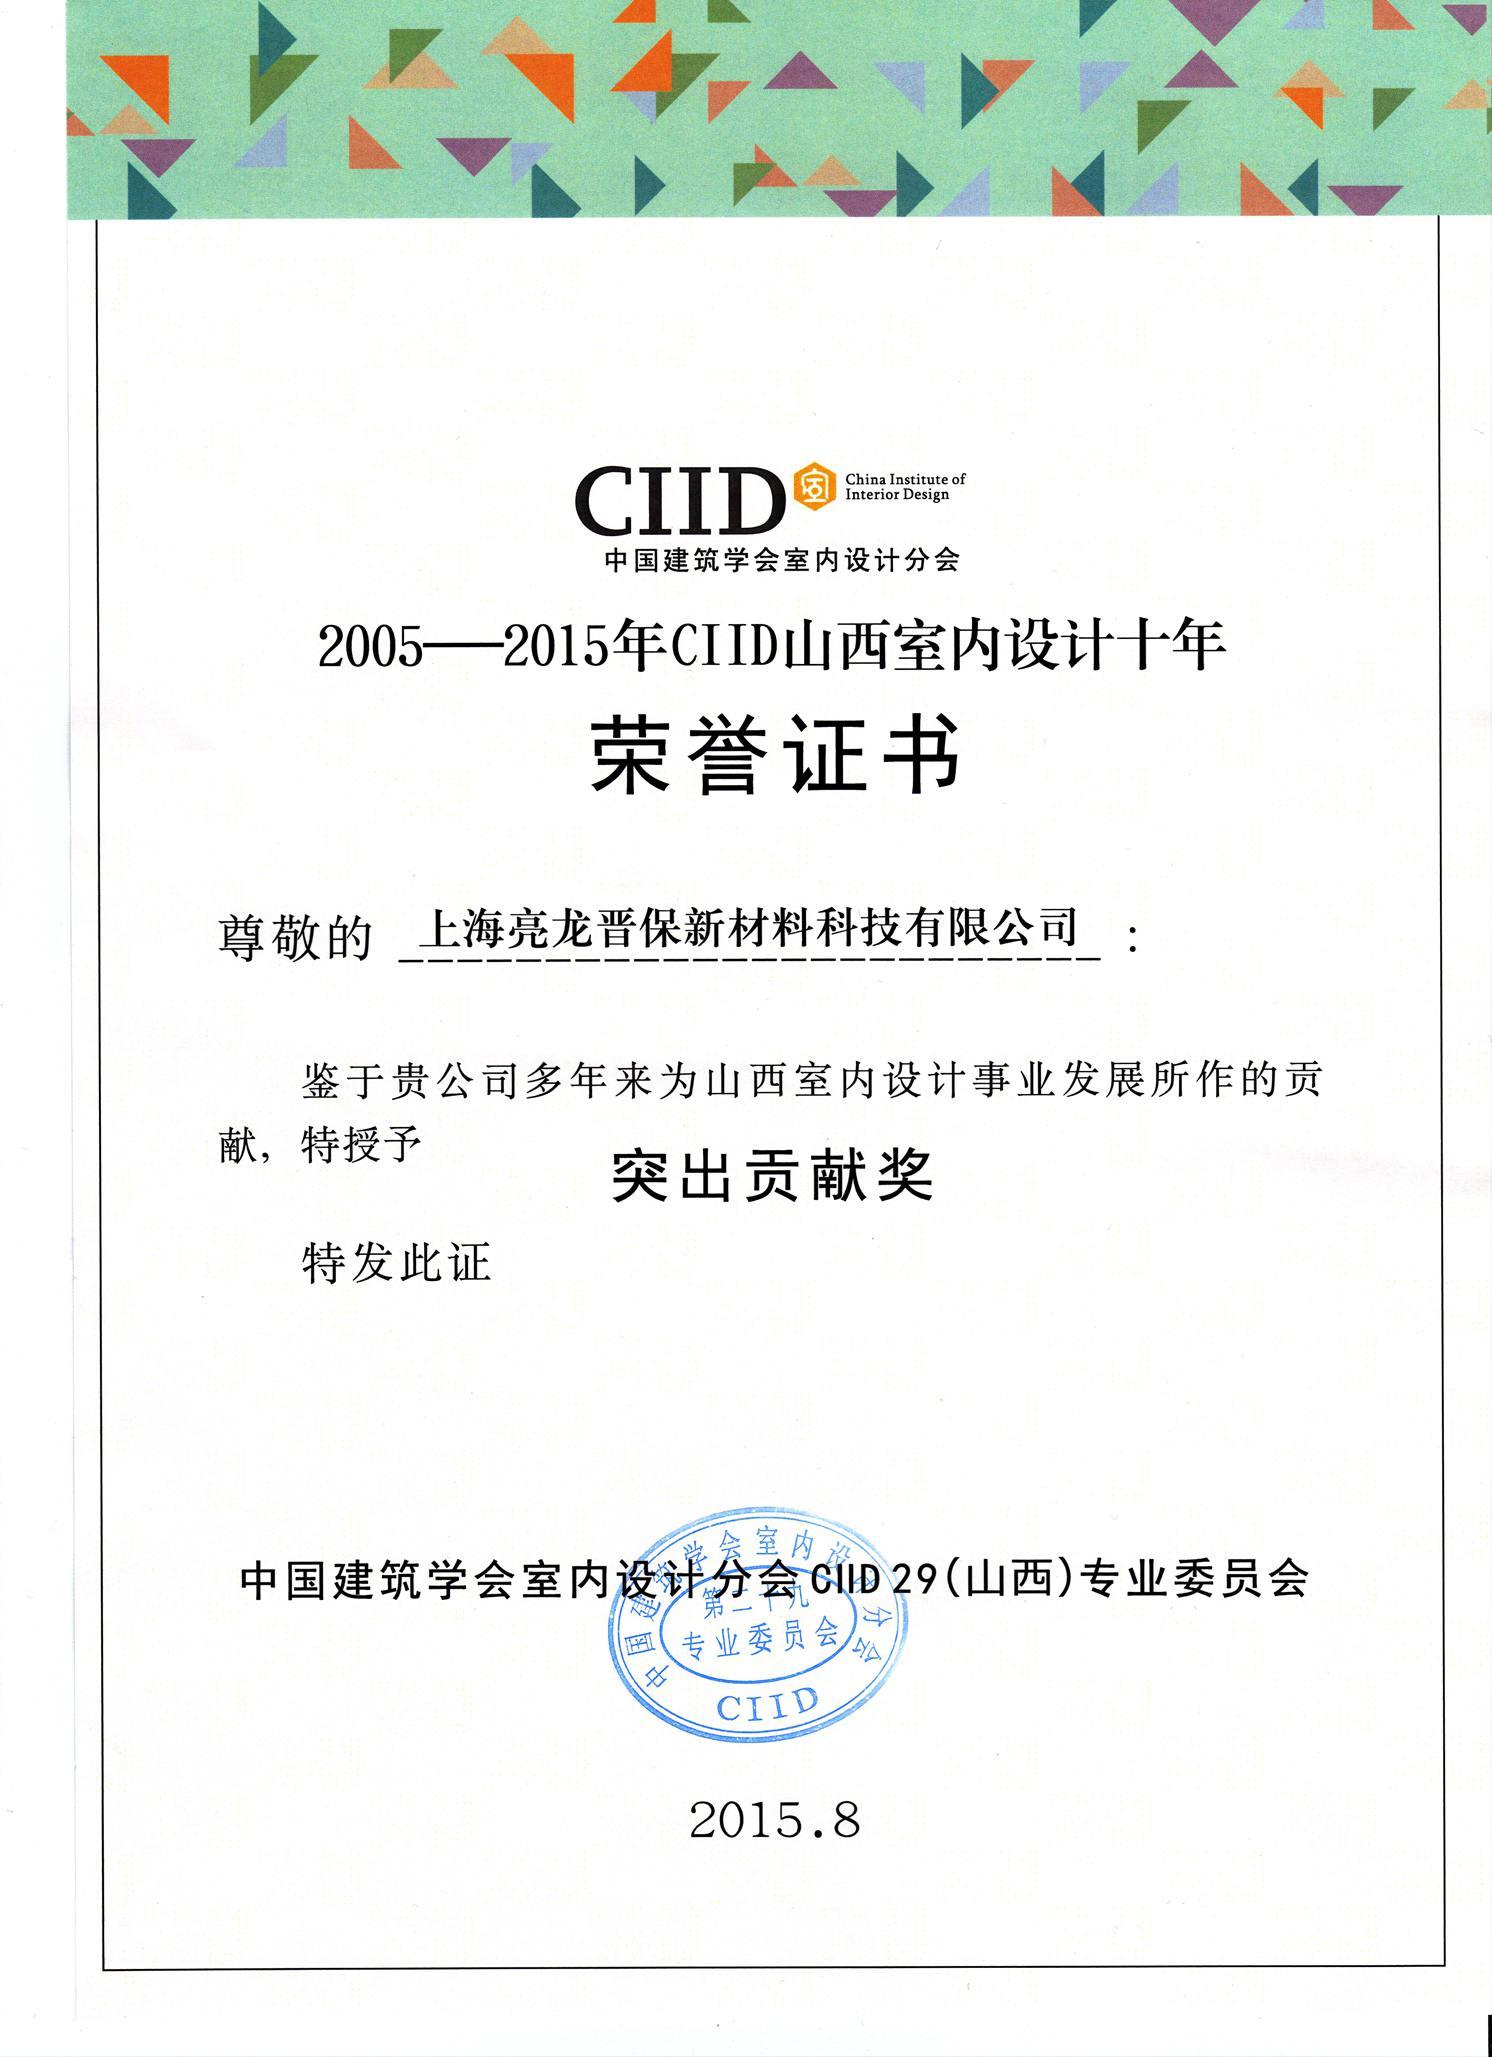 CIID山西室内设计大赛证书